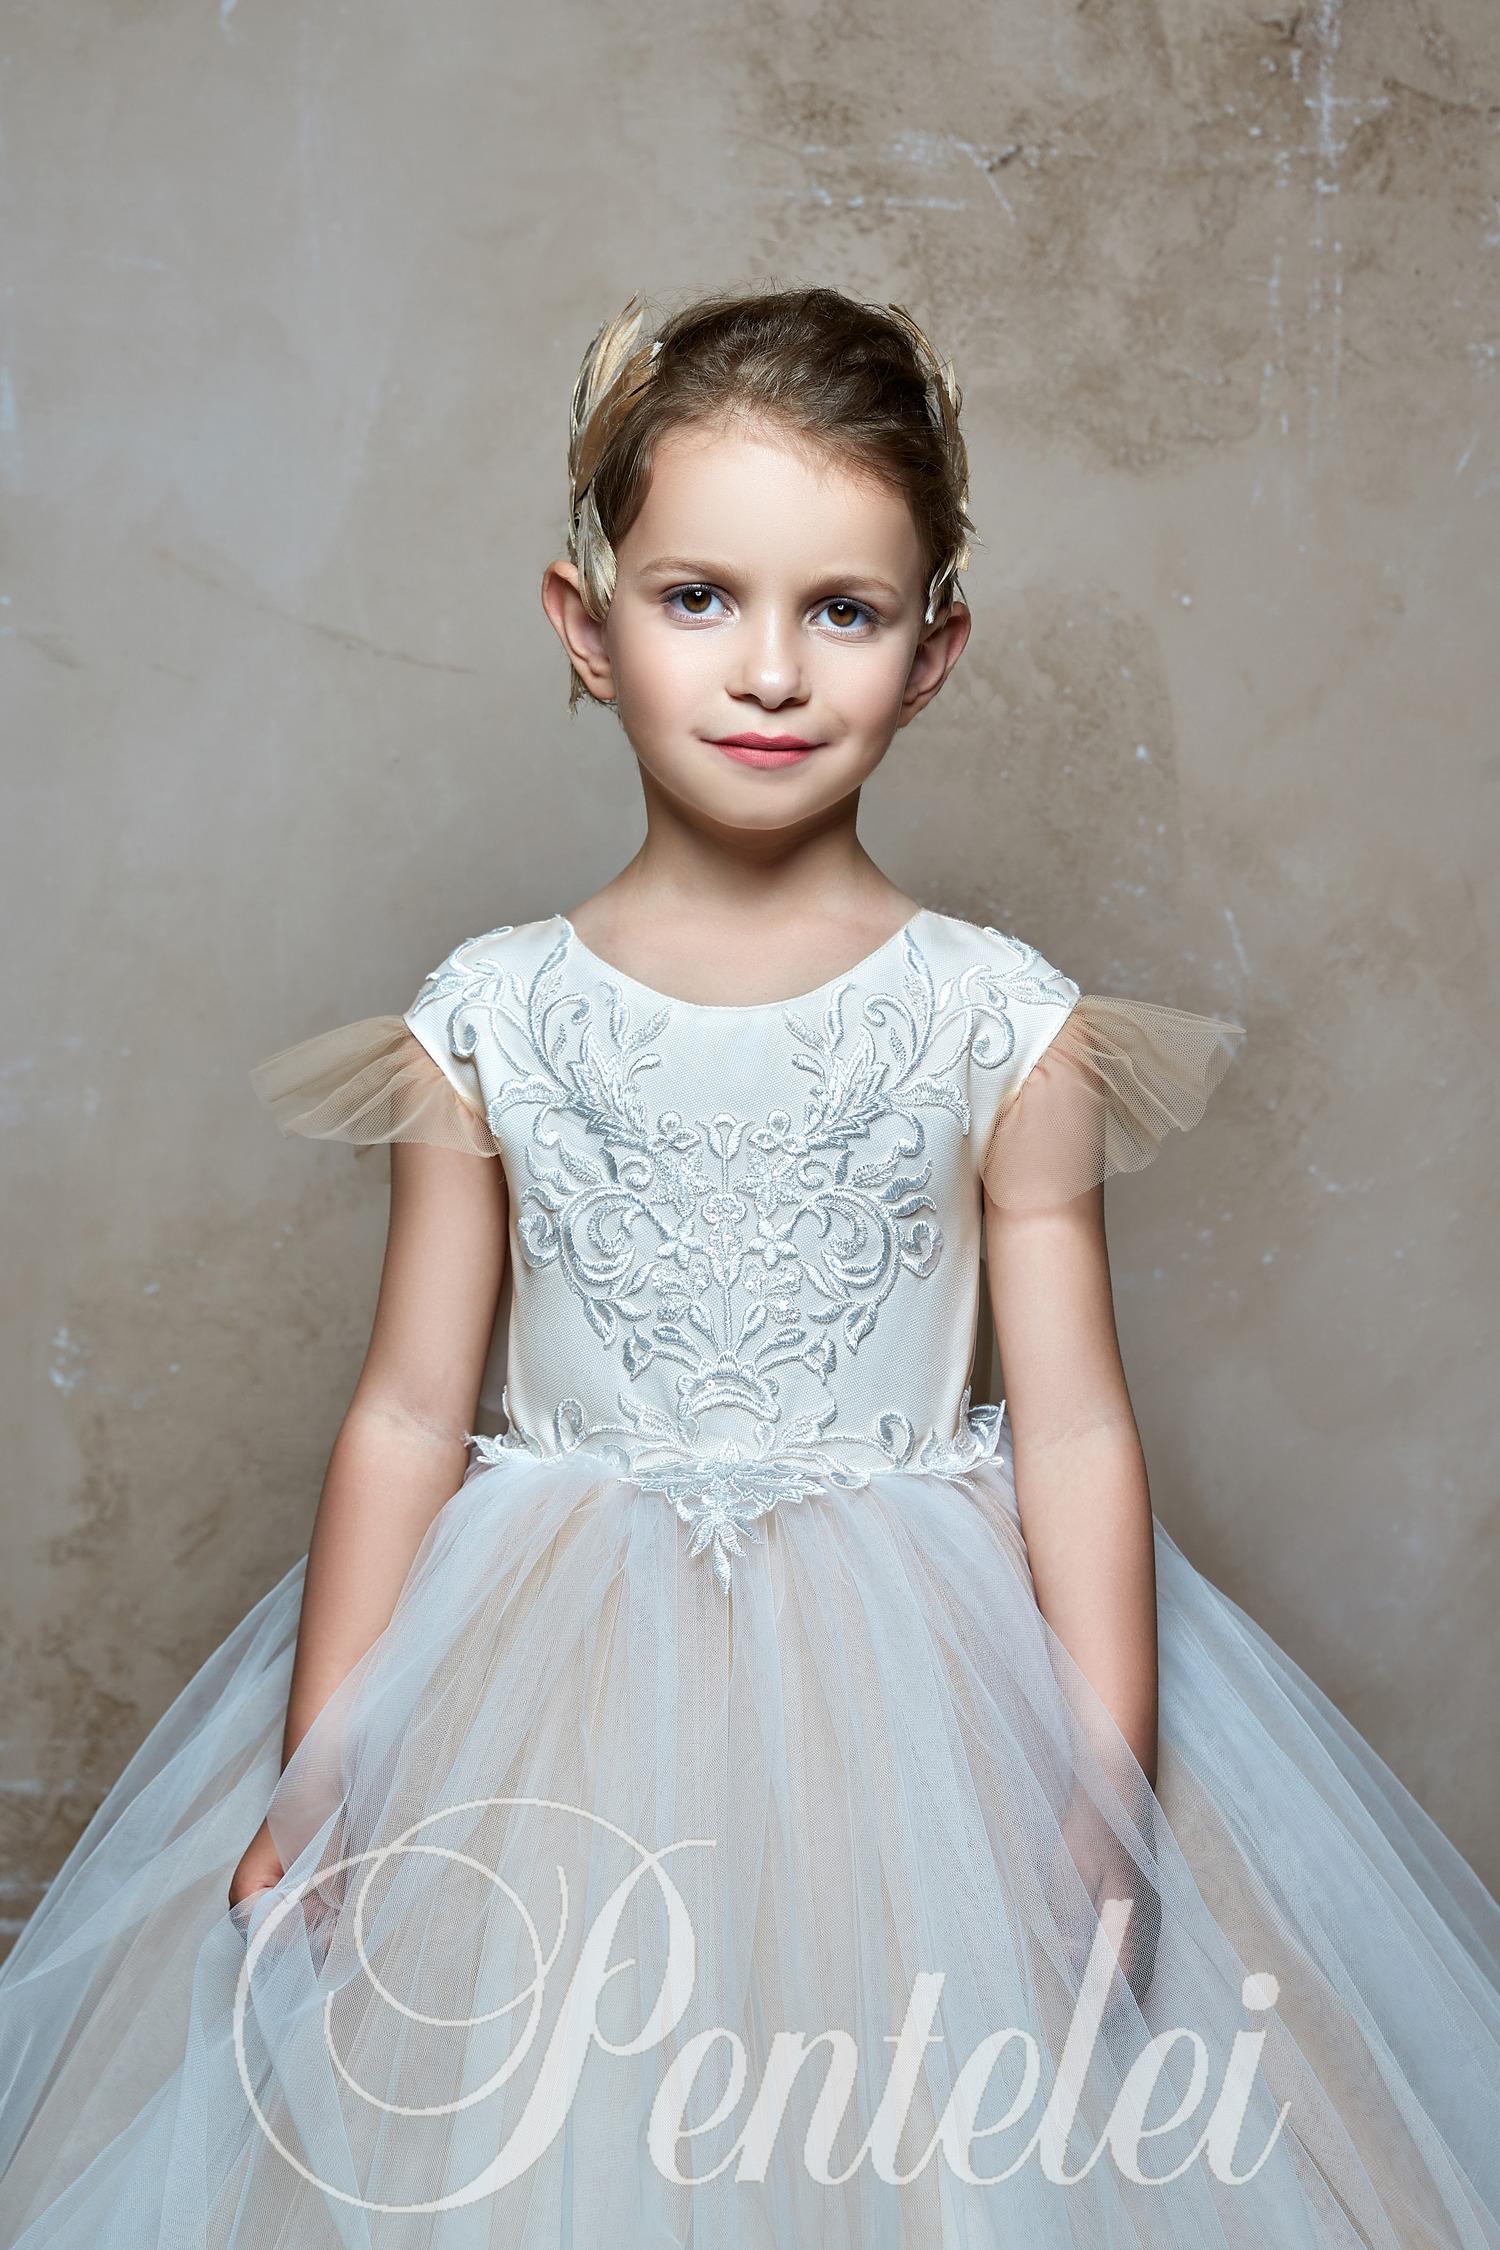 a56fb202440d5e Купити пишну дитячу сукню кольору айворі зі шлейфом оптом від Pentelei.